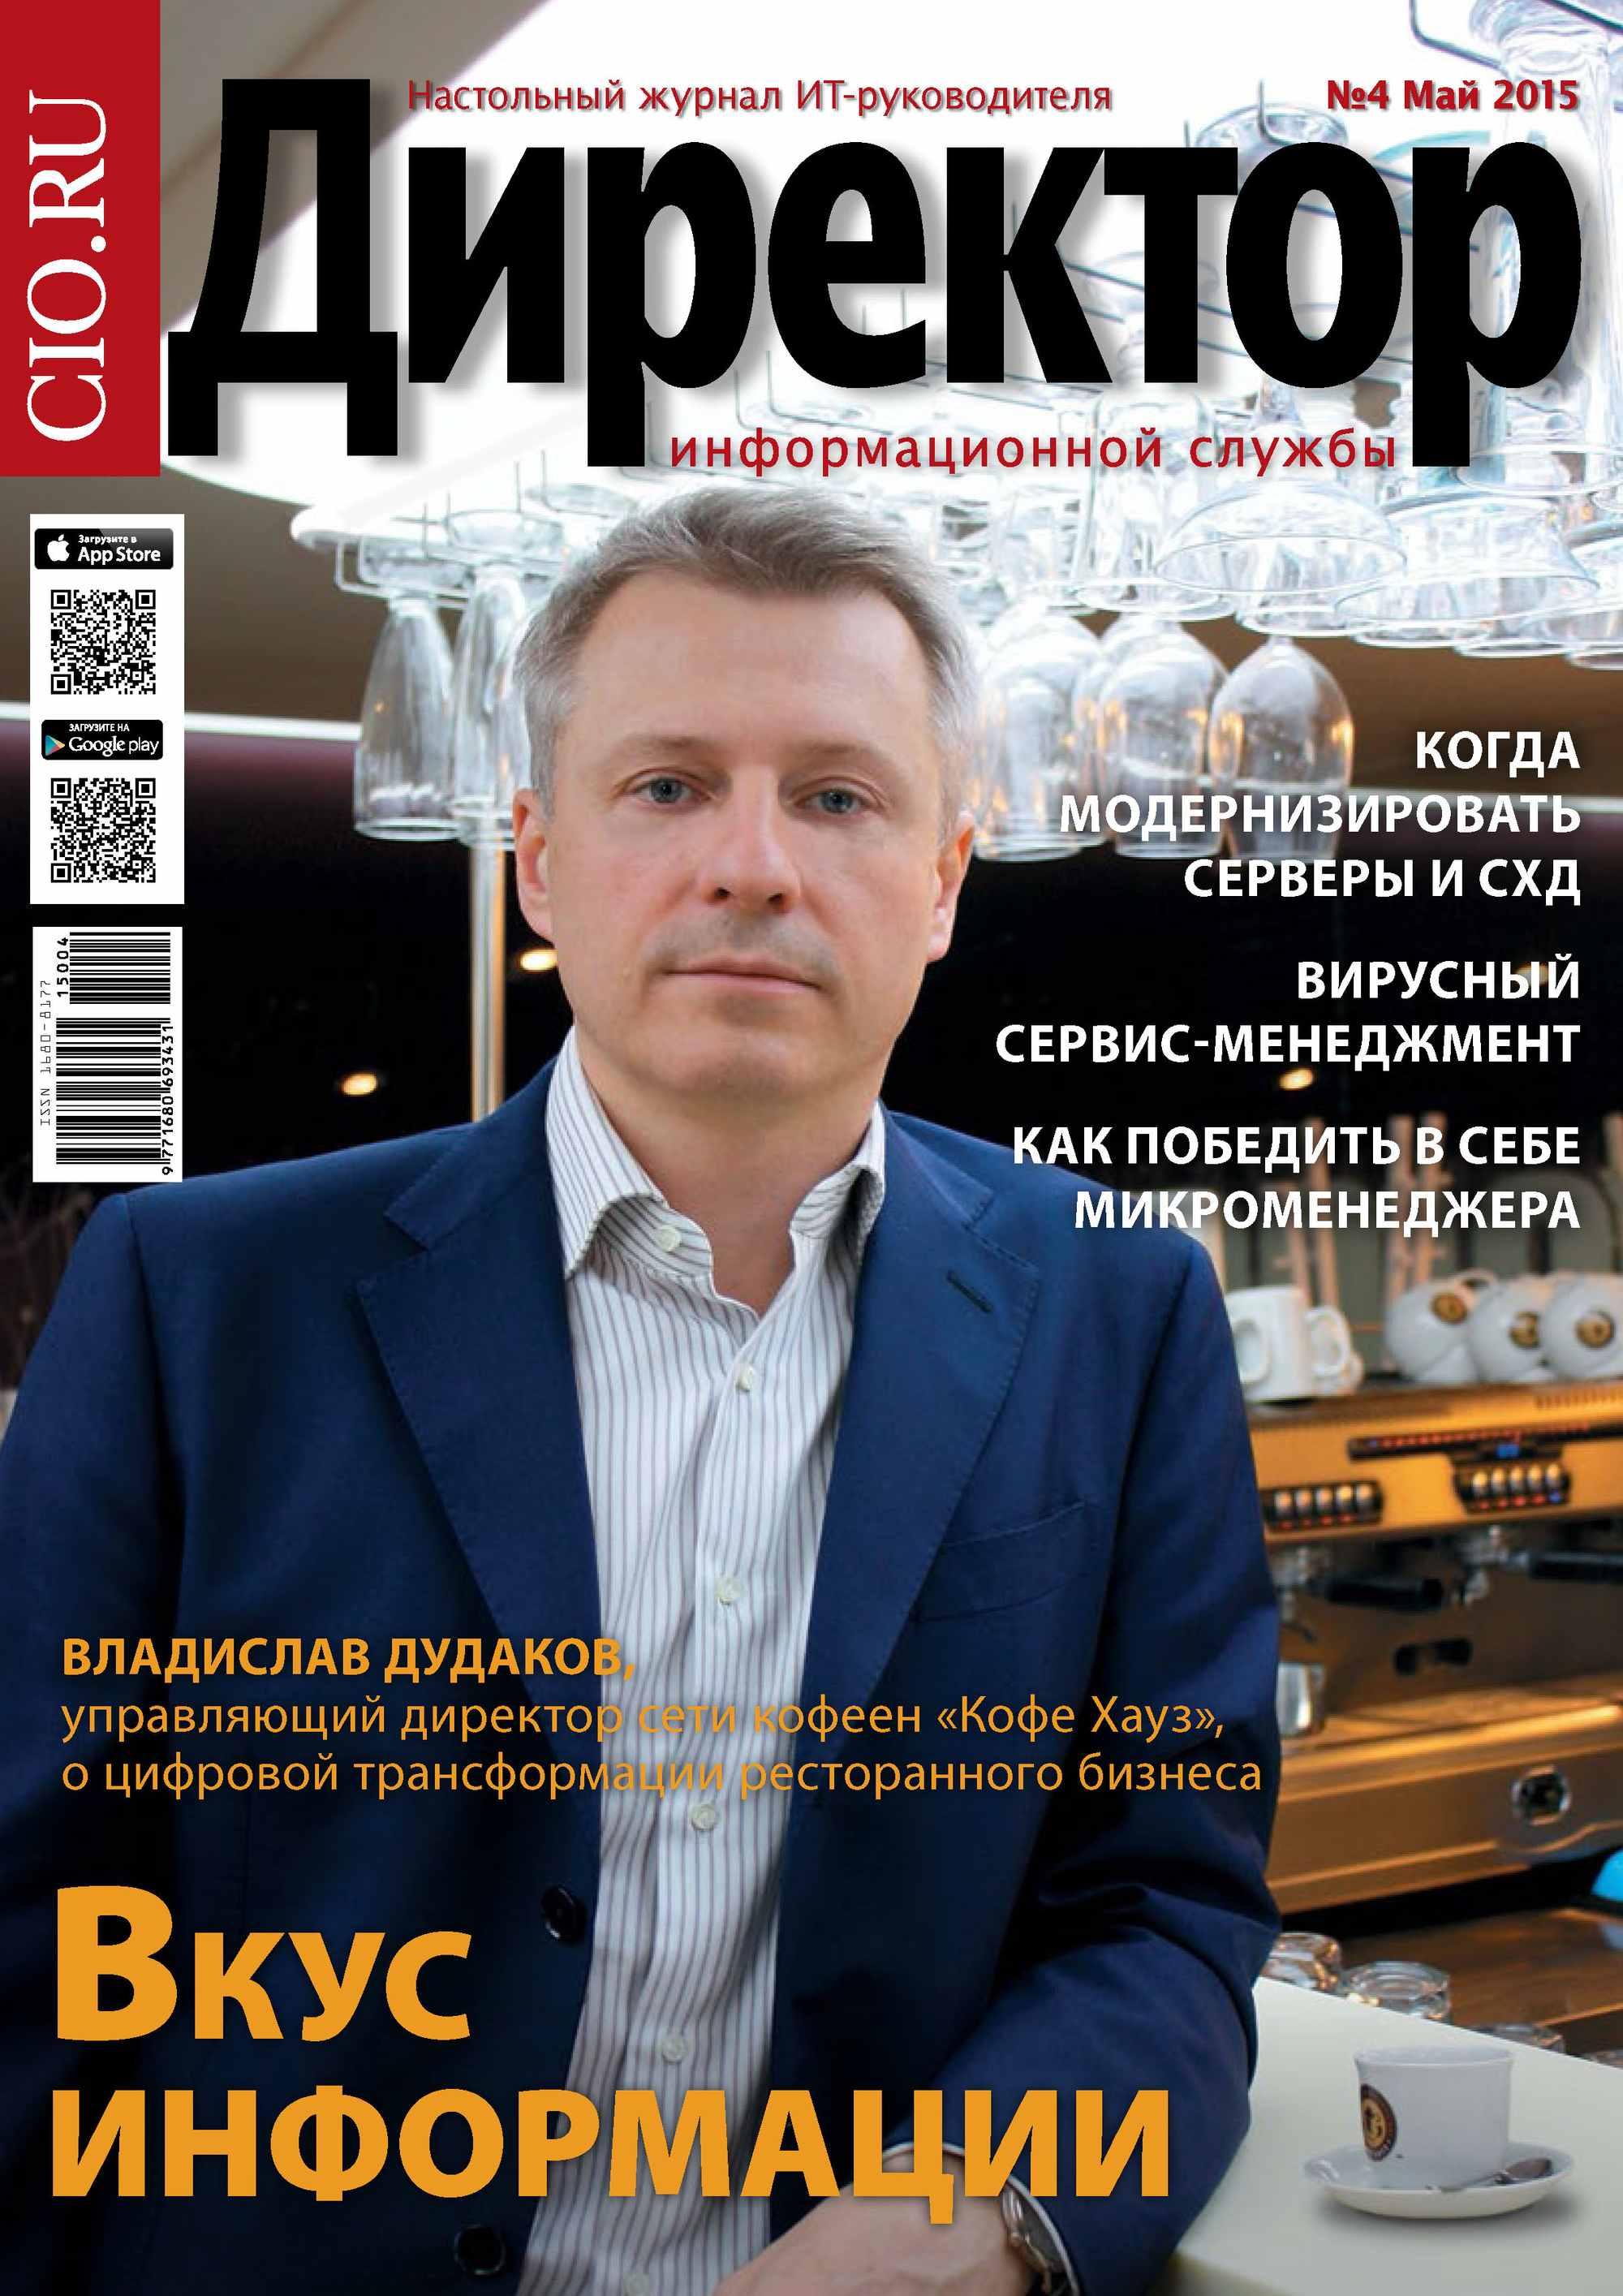 Открытые системы Директор информационной службы №04/2015